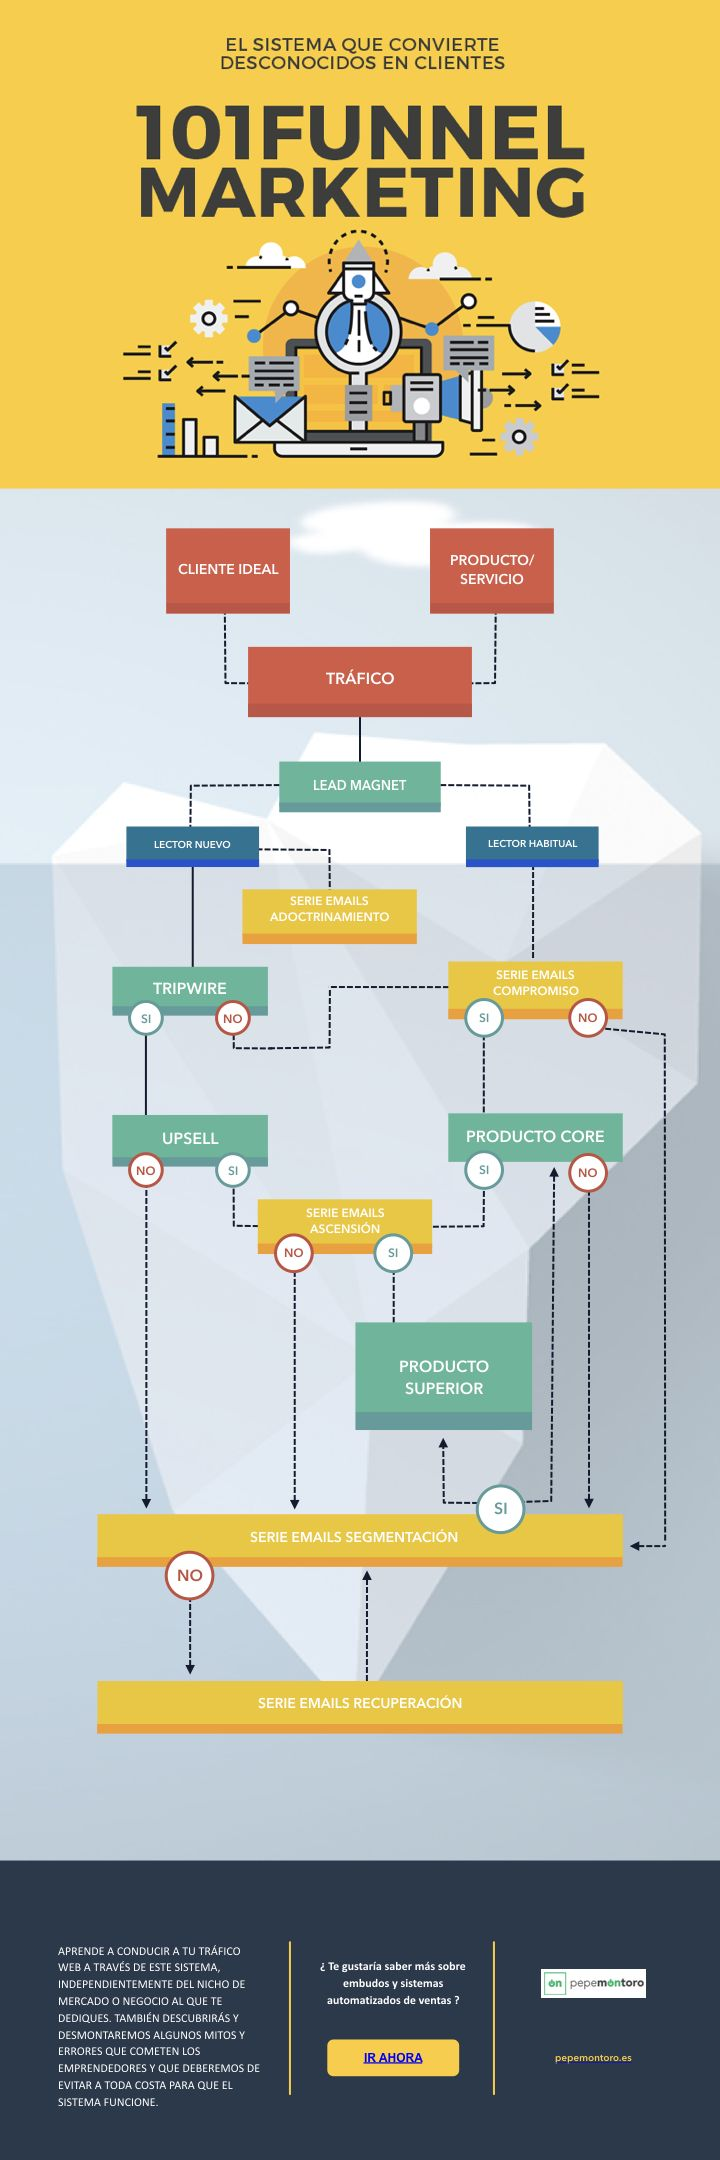 Funnel Marketing: sistema que convierte desconocidos en clientes #infografia